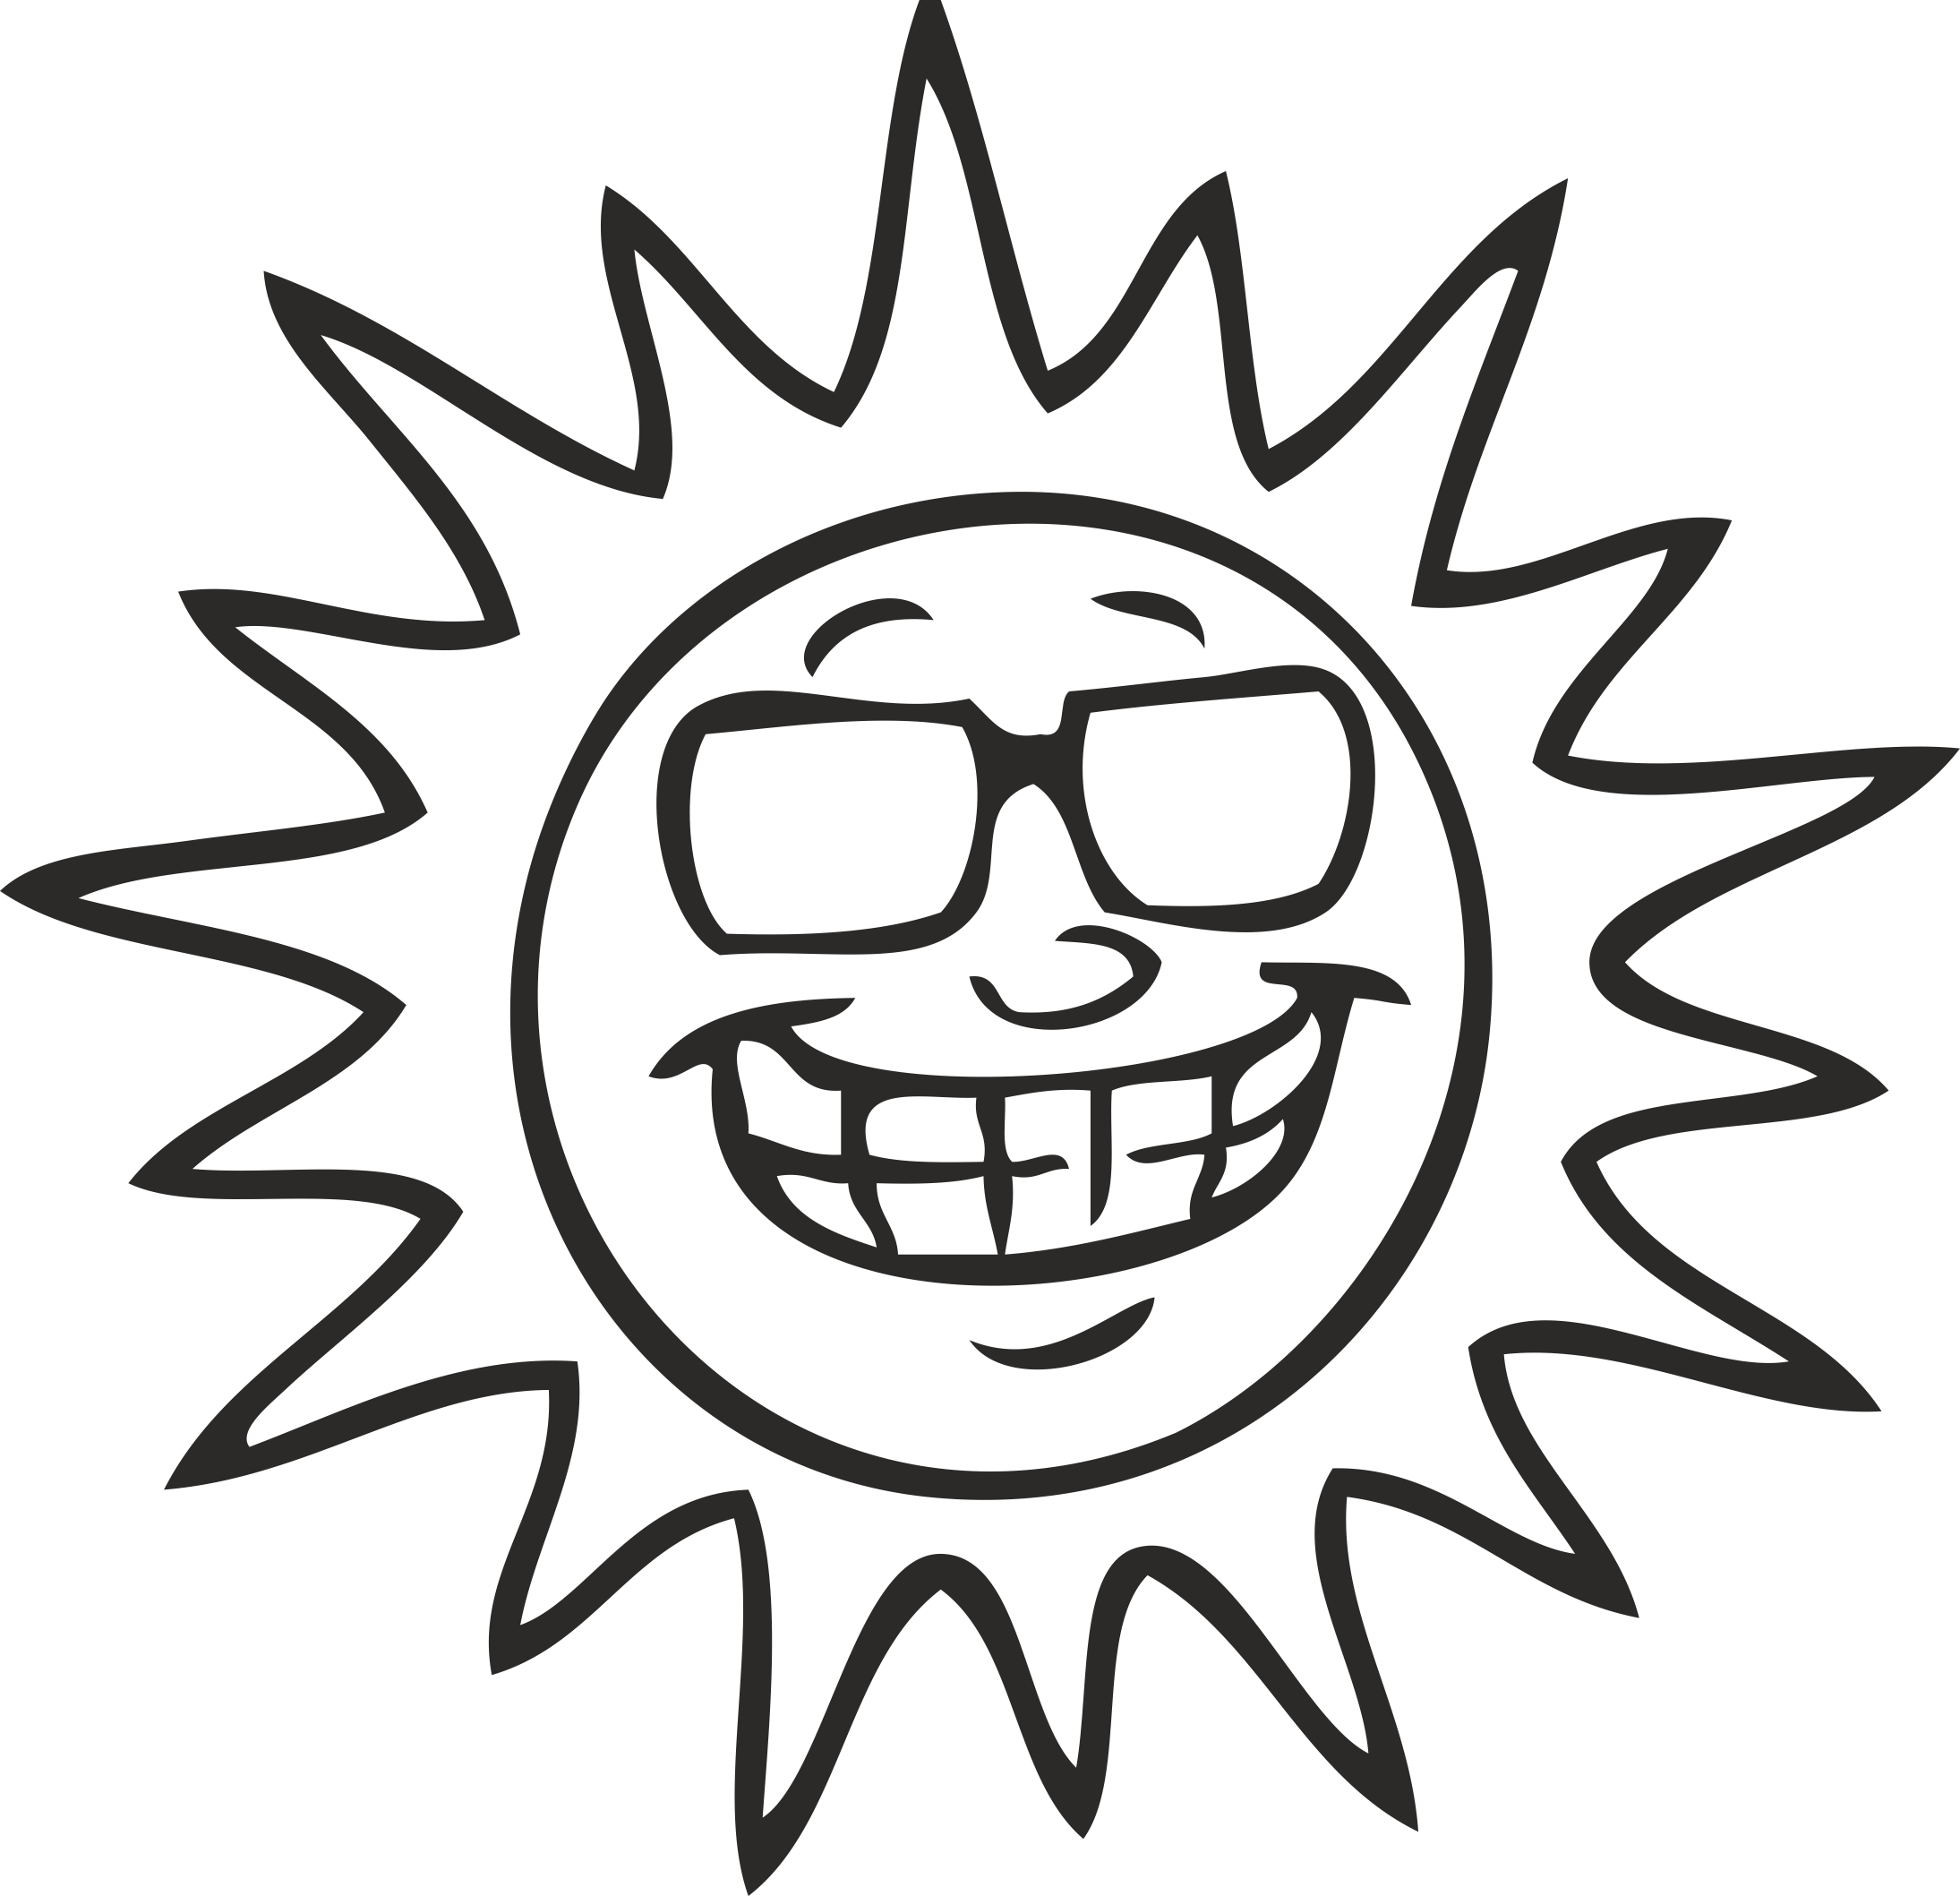 Solar Emotions # 02 Free CDR Vectors Art